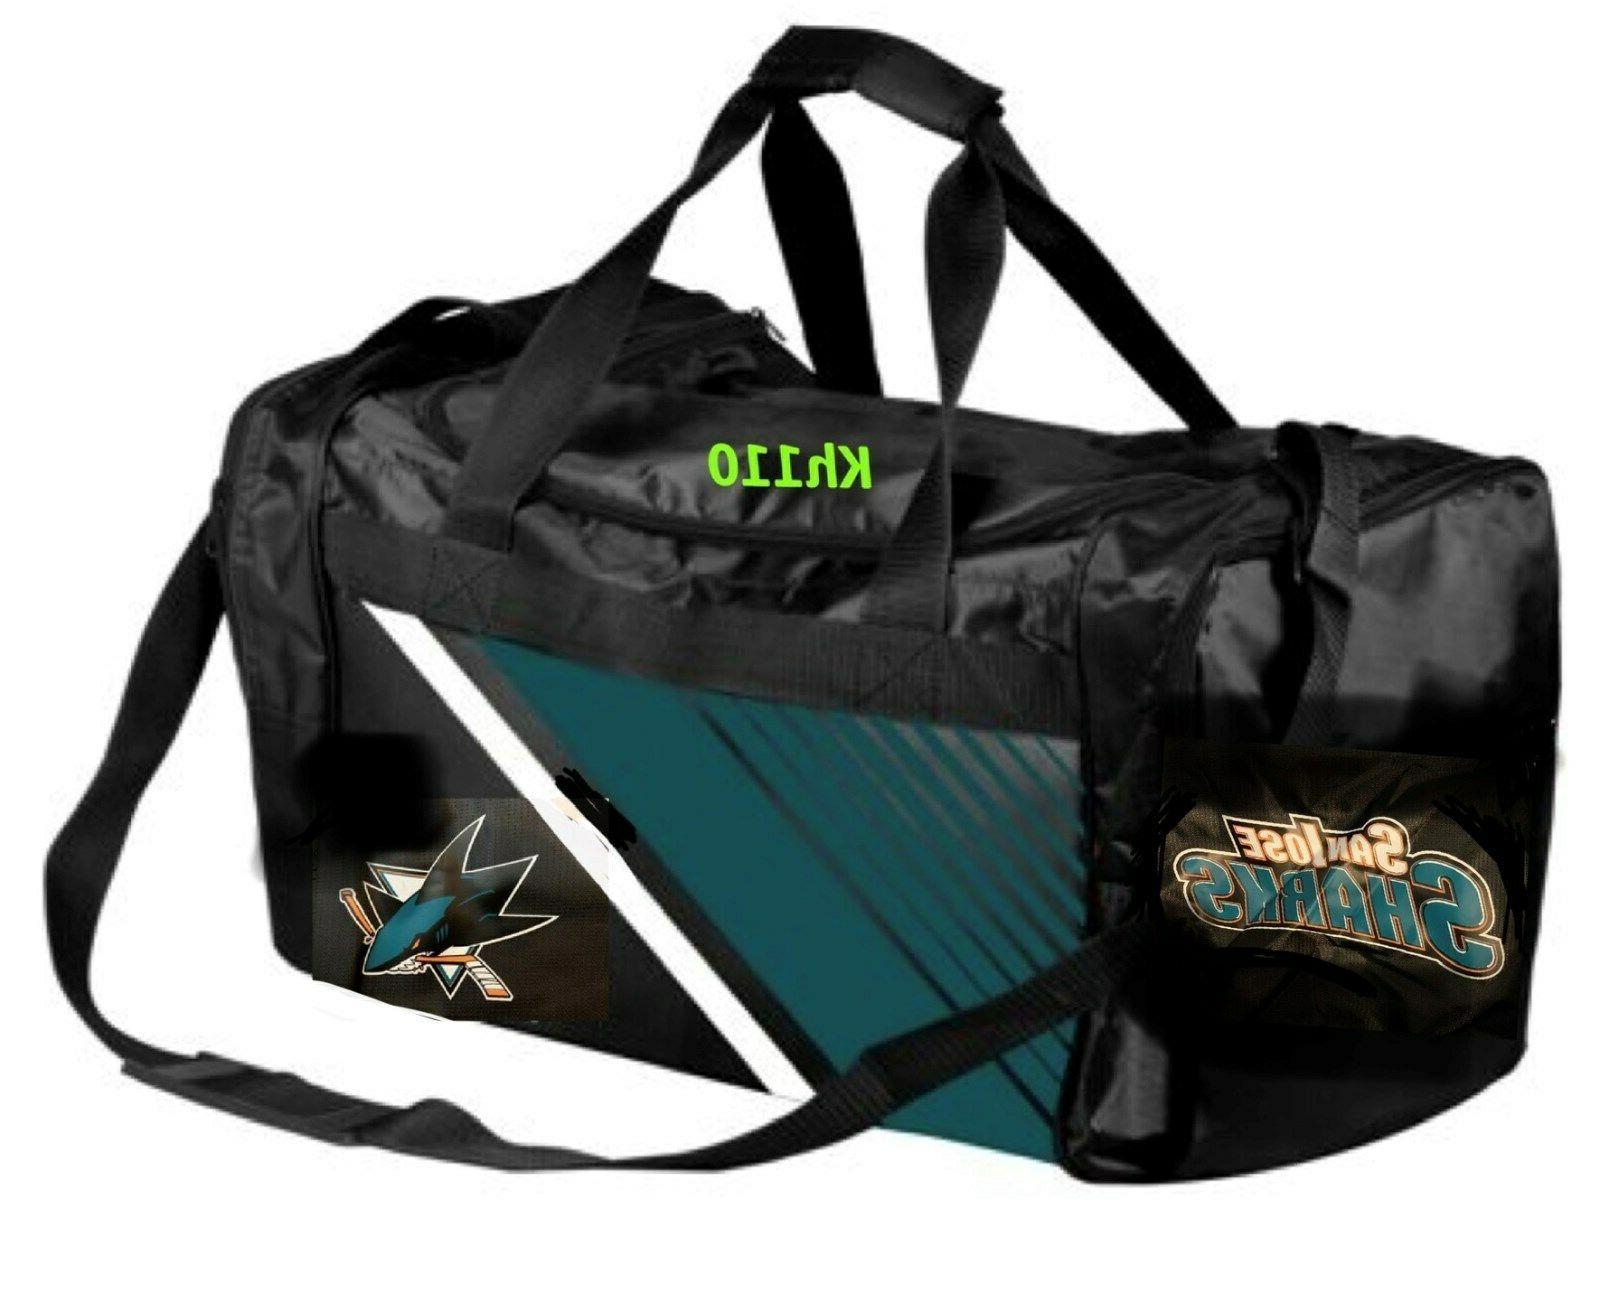 San Gym Luggage Duffel Bag